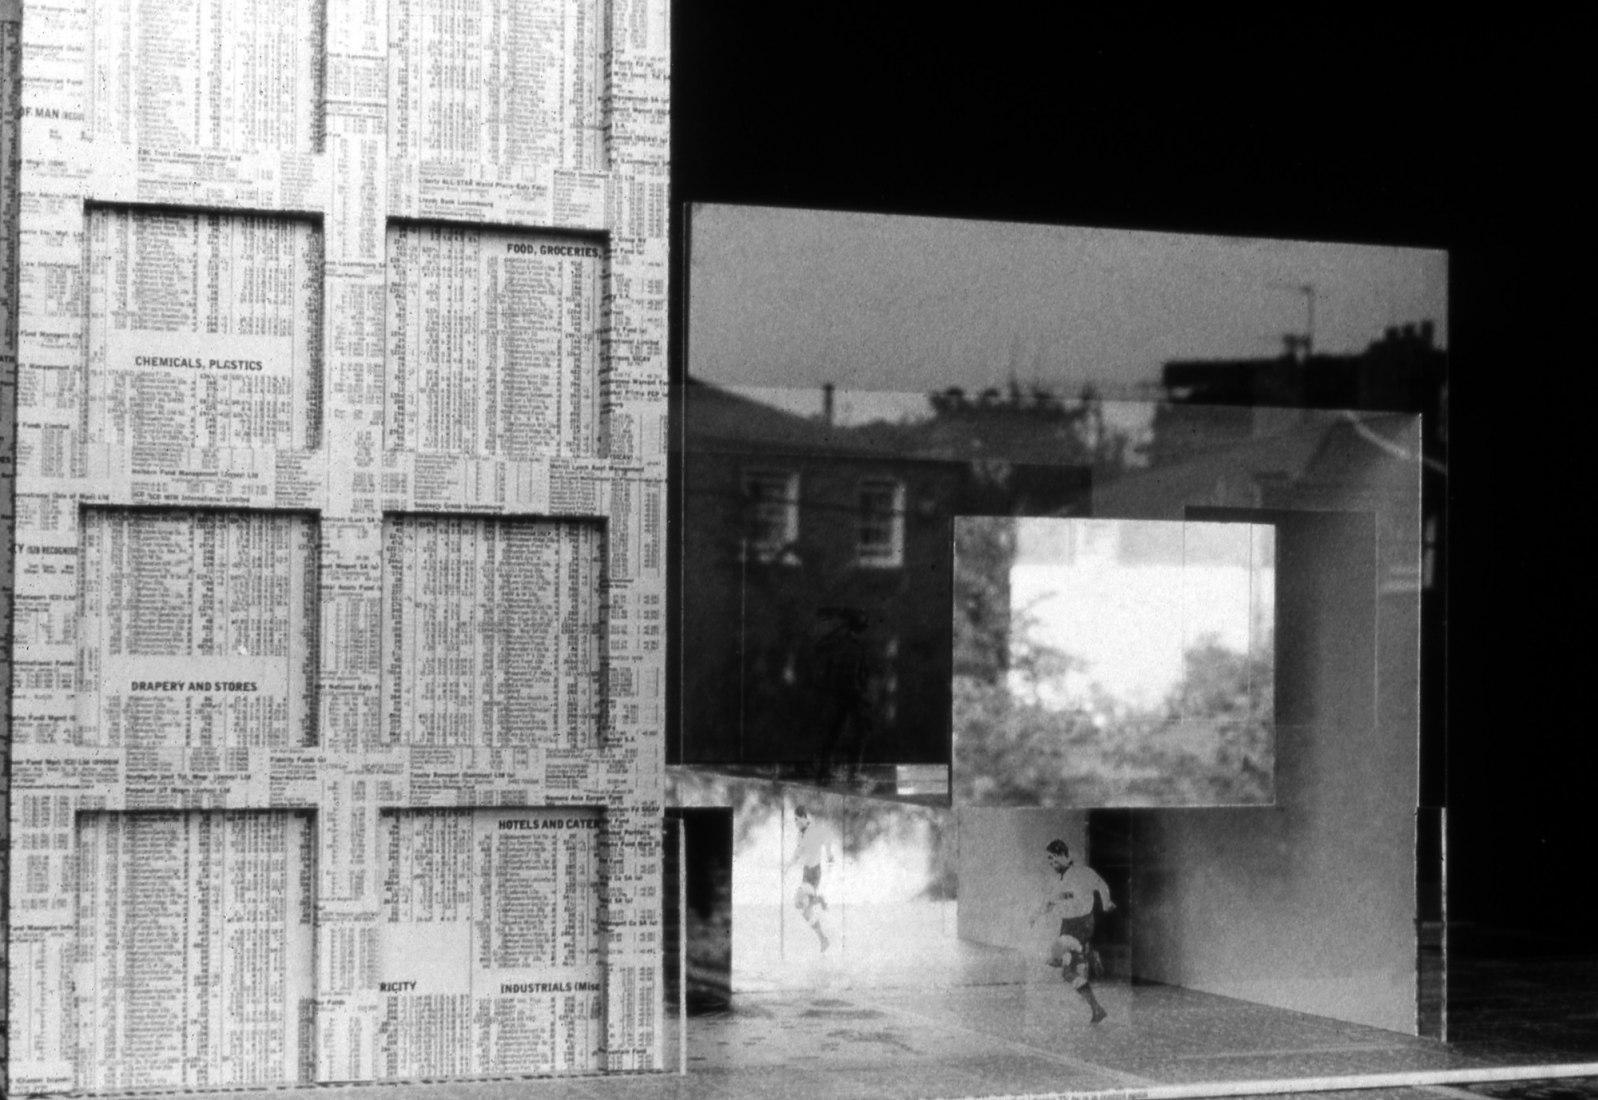 Another Glass House por Caruso St John (1991). Fotografía, 16.8 x 21 cm, edición de 7 números. Imagen cortesía de la Betts Project Gallery.